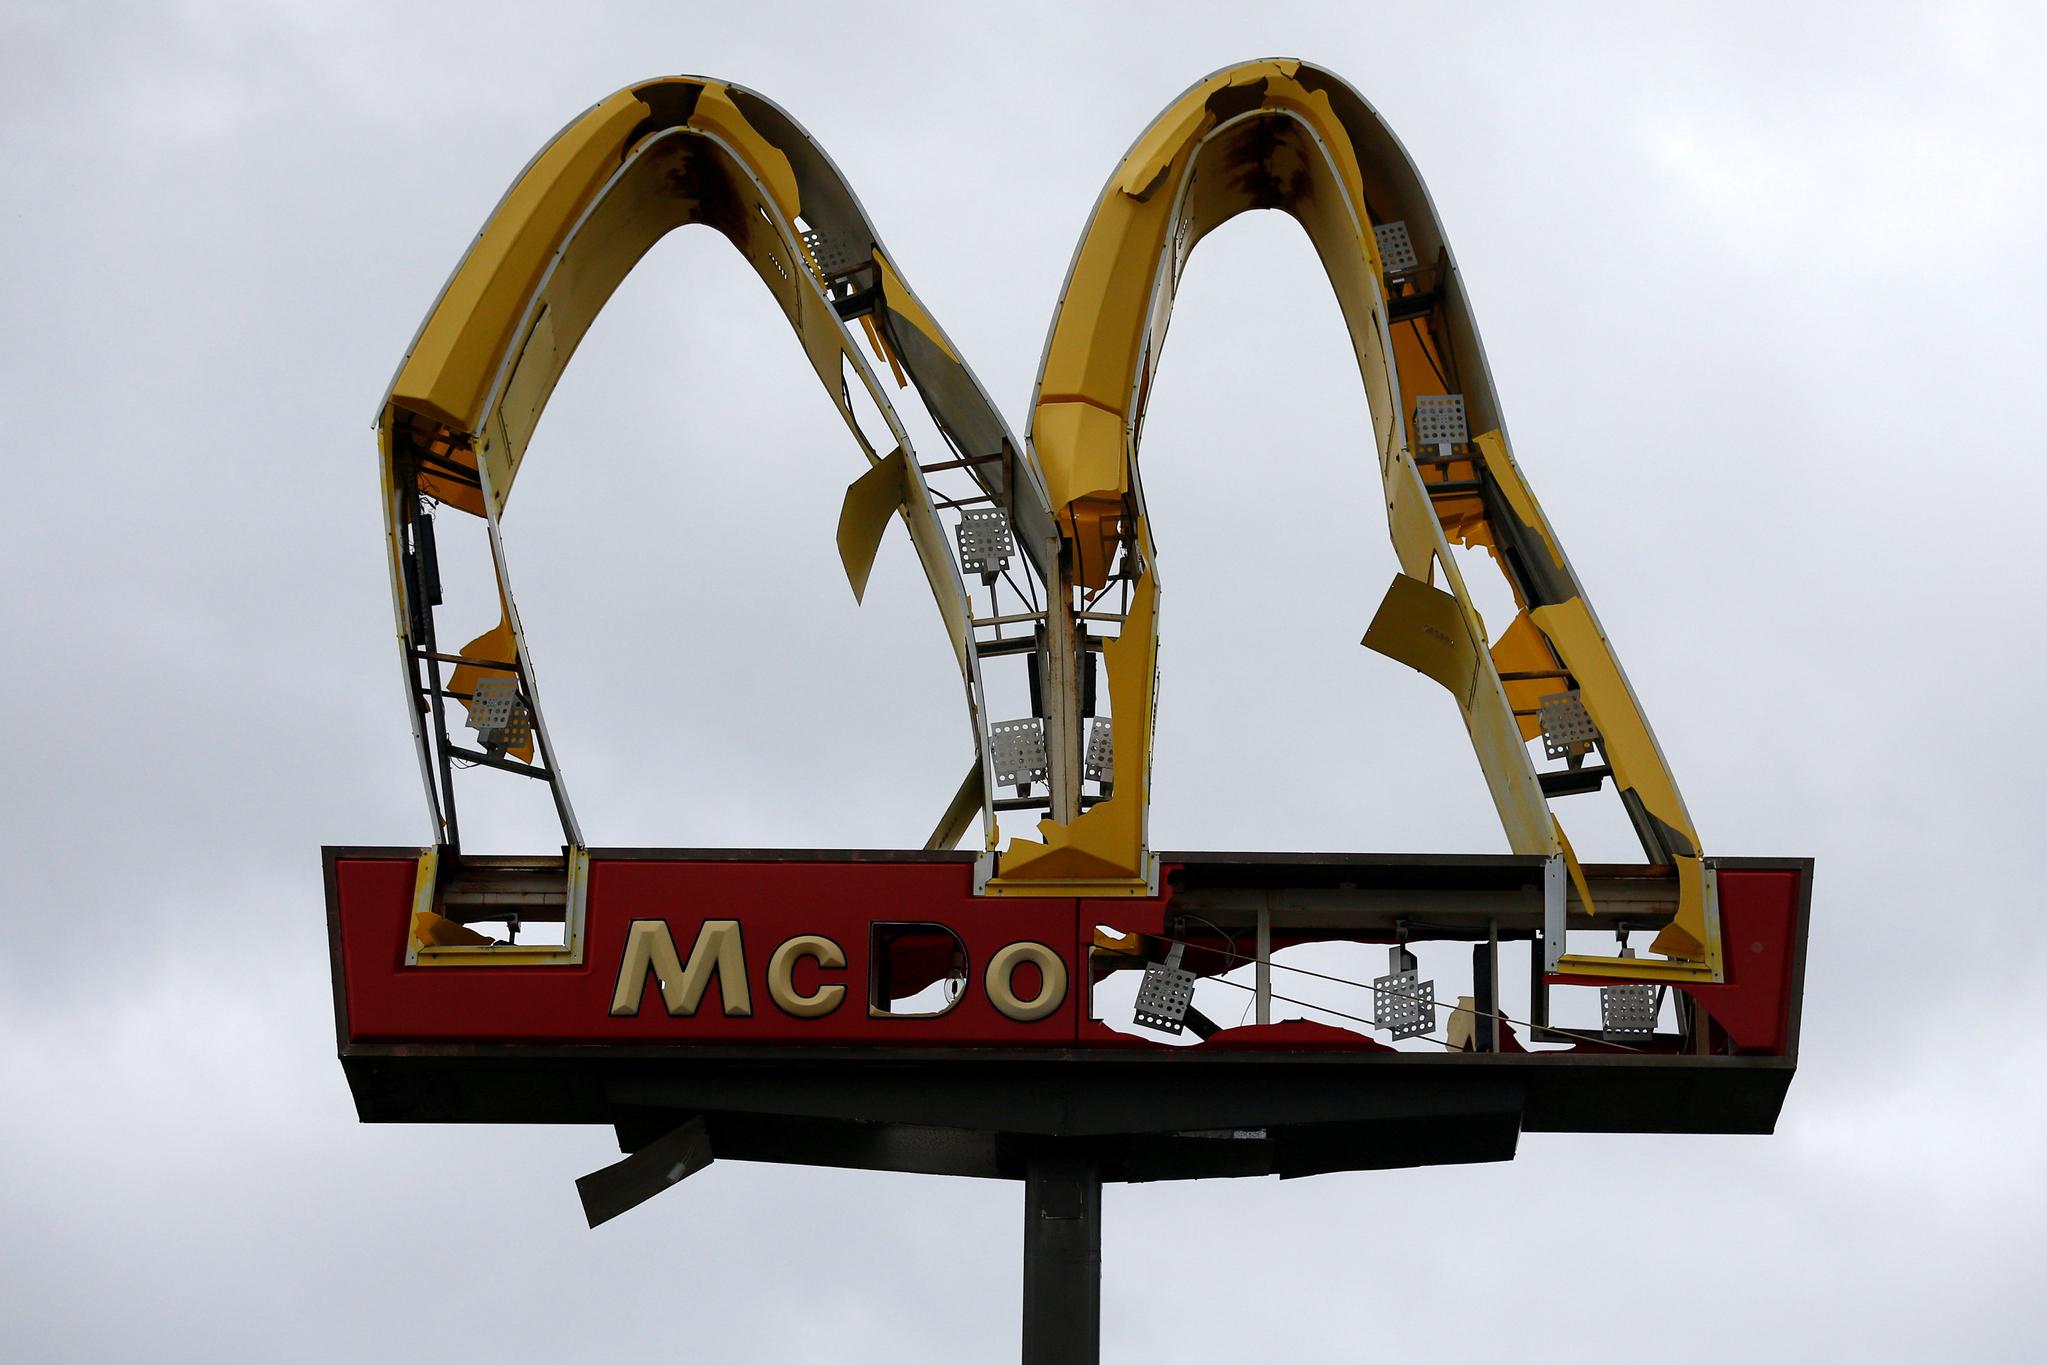 10(현지시간) 미국 플로리다주 파나마시티 해변에 있는 맥도날드 간판이 강풍을 동반한 4등급 허리케인 마이클 의해 파손돼 있다. [로이터=연합뉴스]